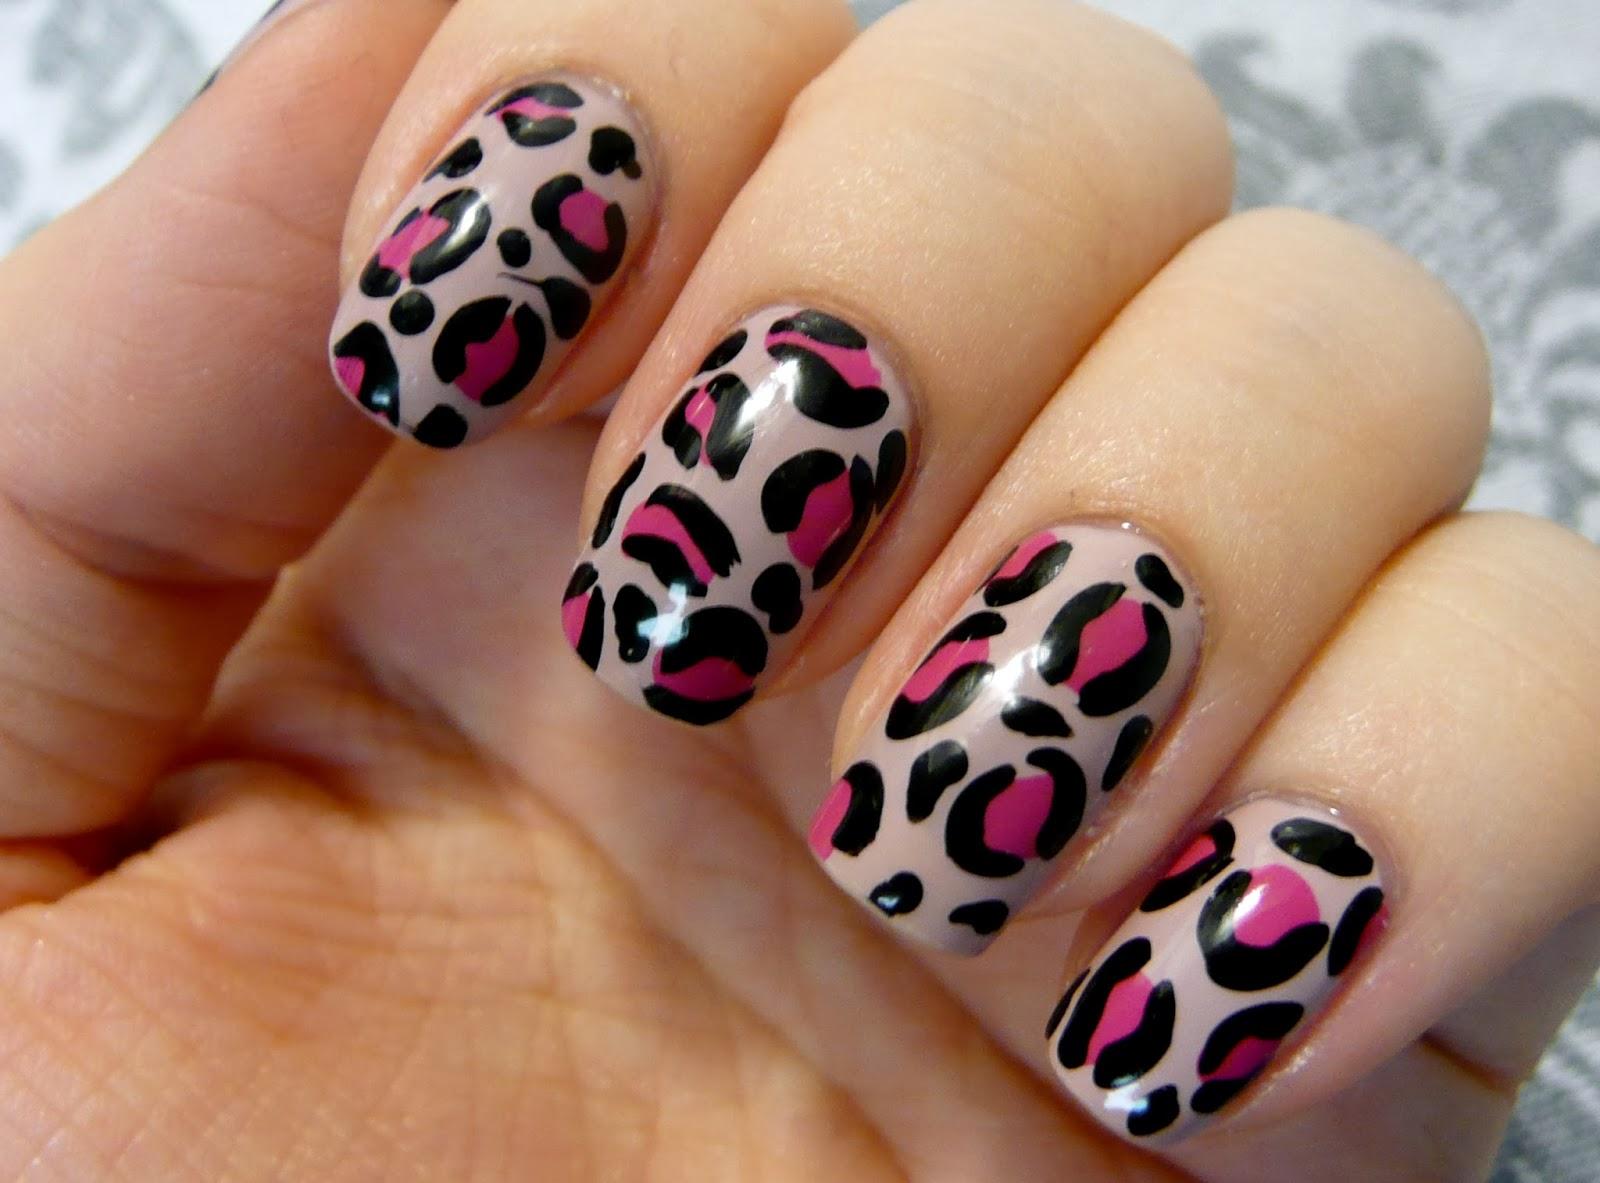 Nicki Minaj Pointy Nail Designs 52117   MOVIEWEB